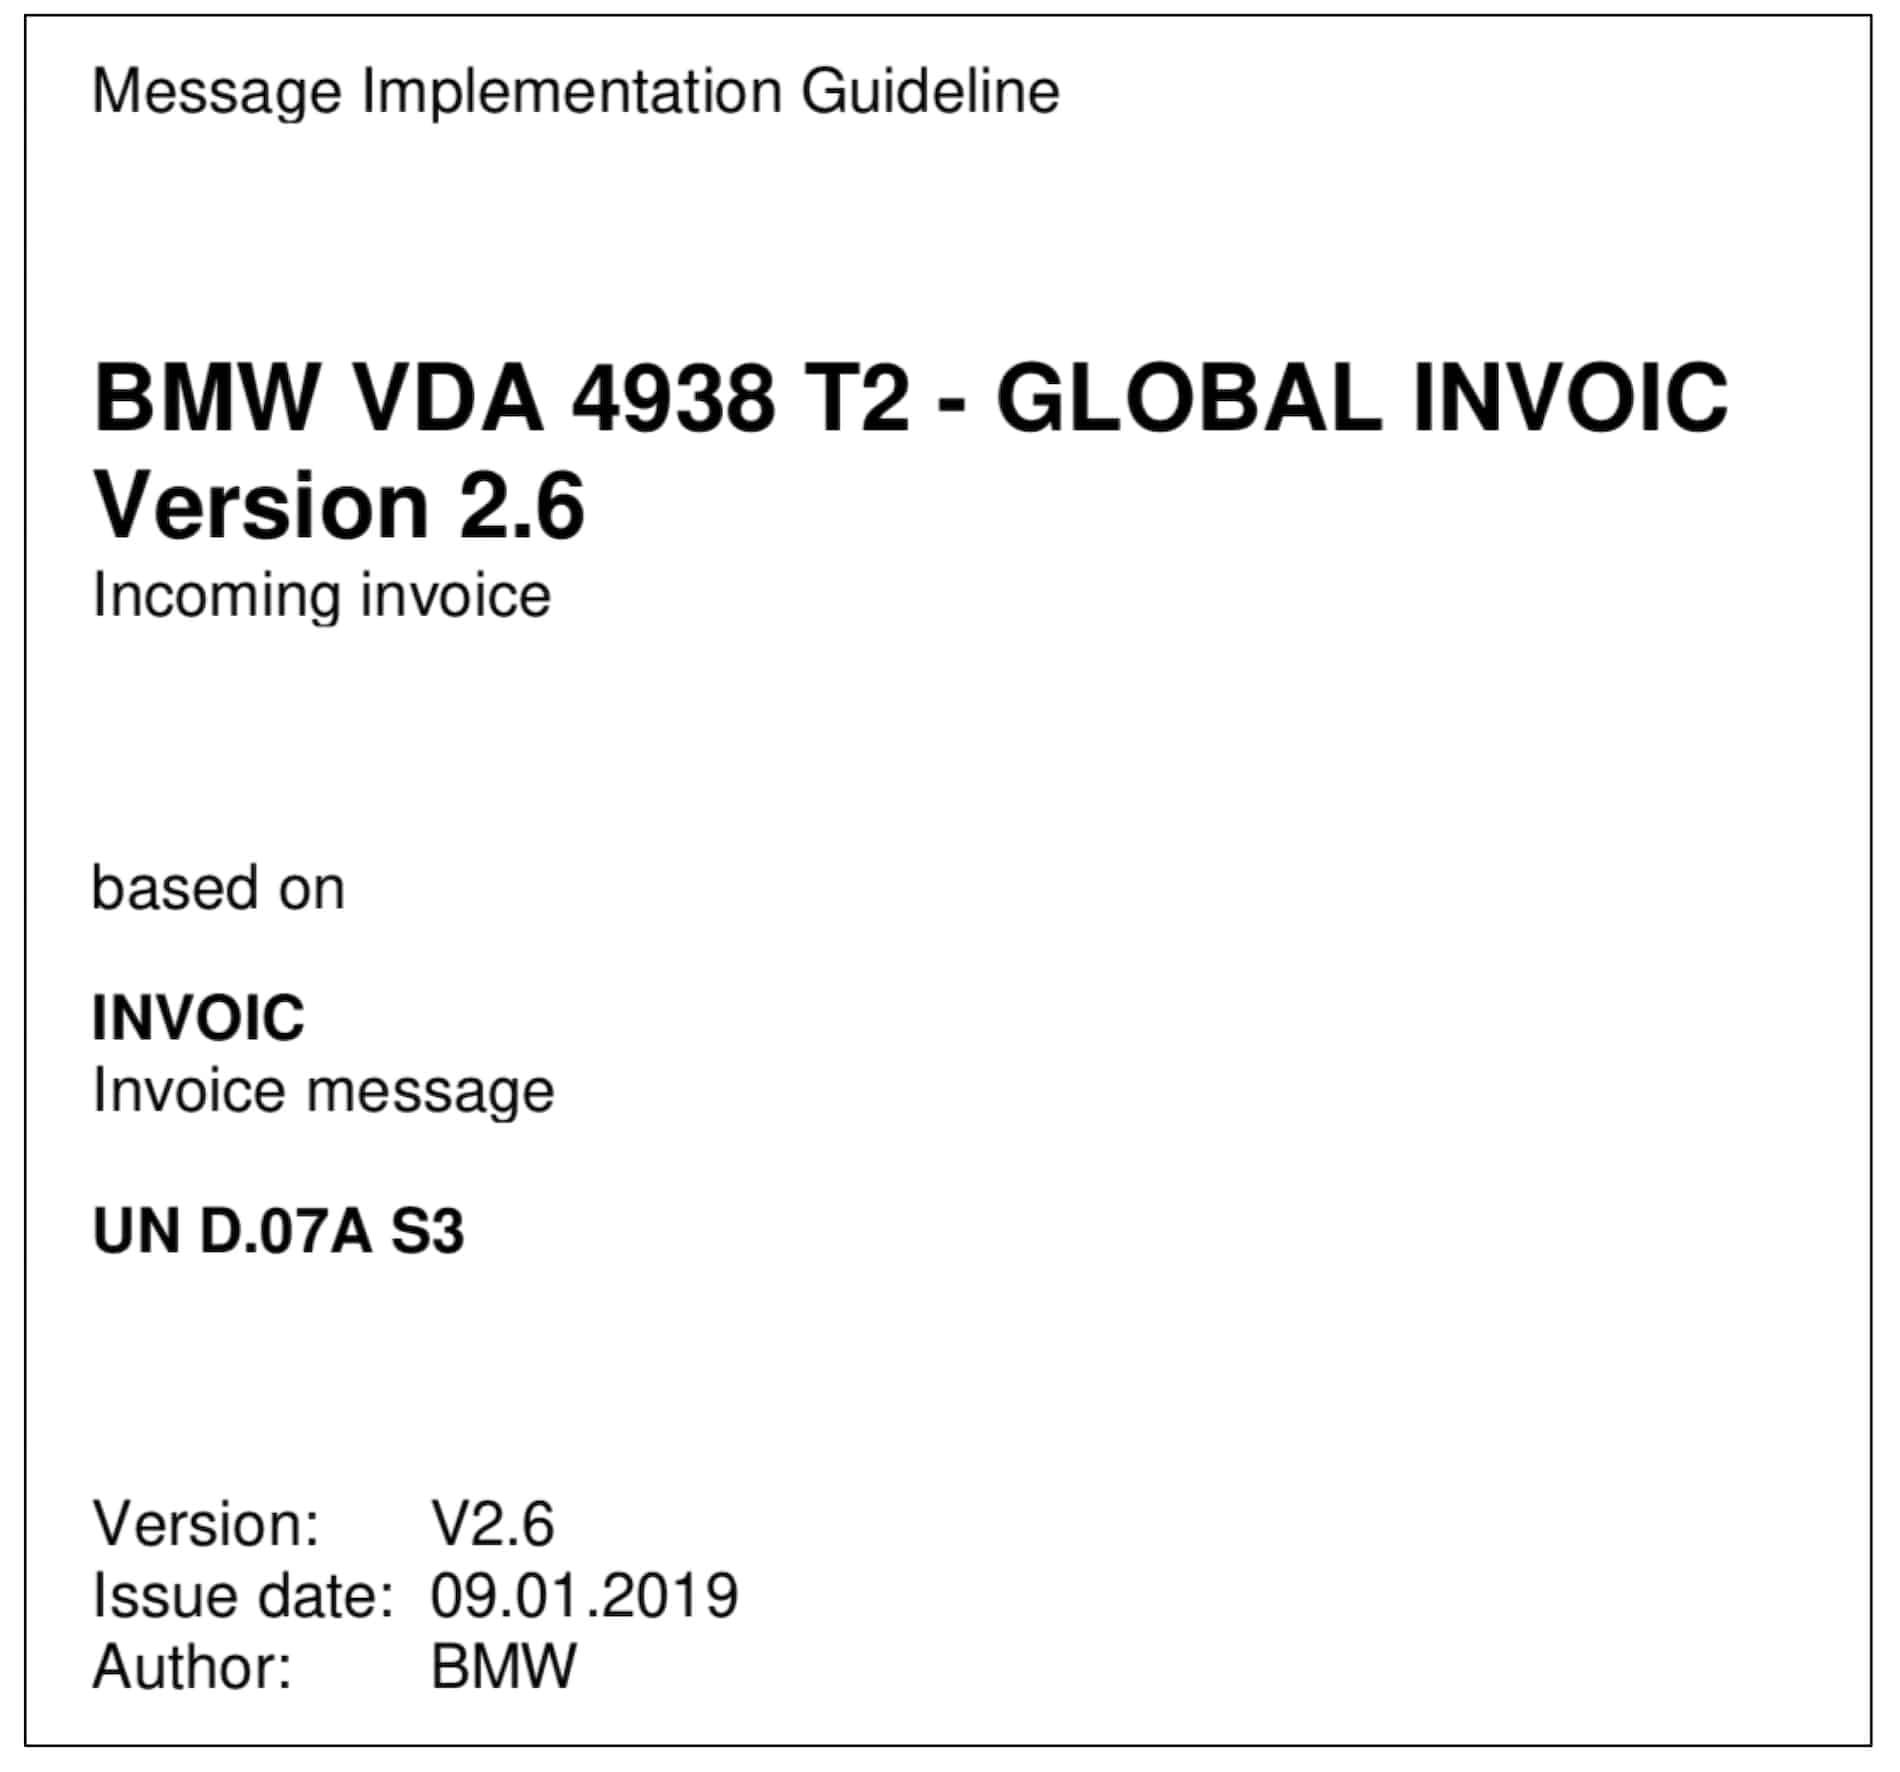 MIG für den EDI-Dokumenttyp INVOIC von BMW